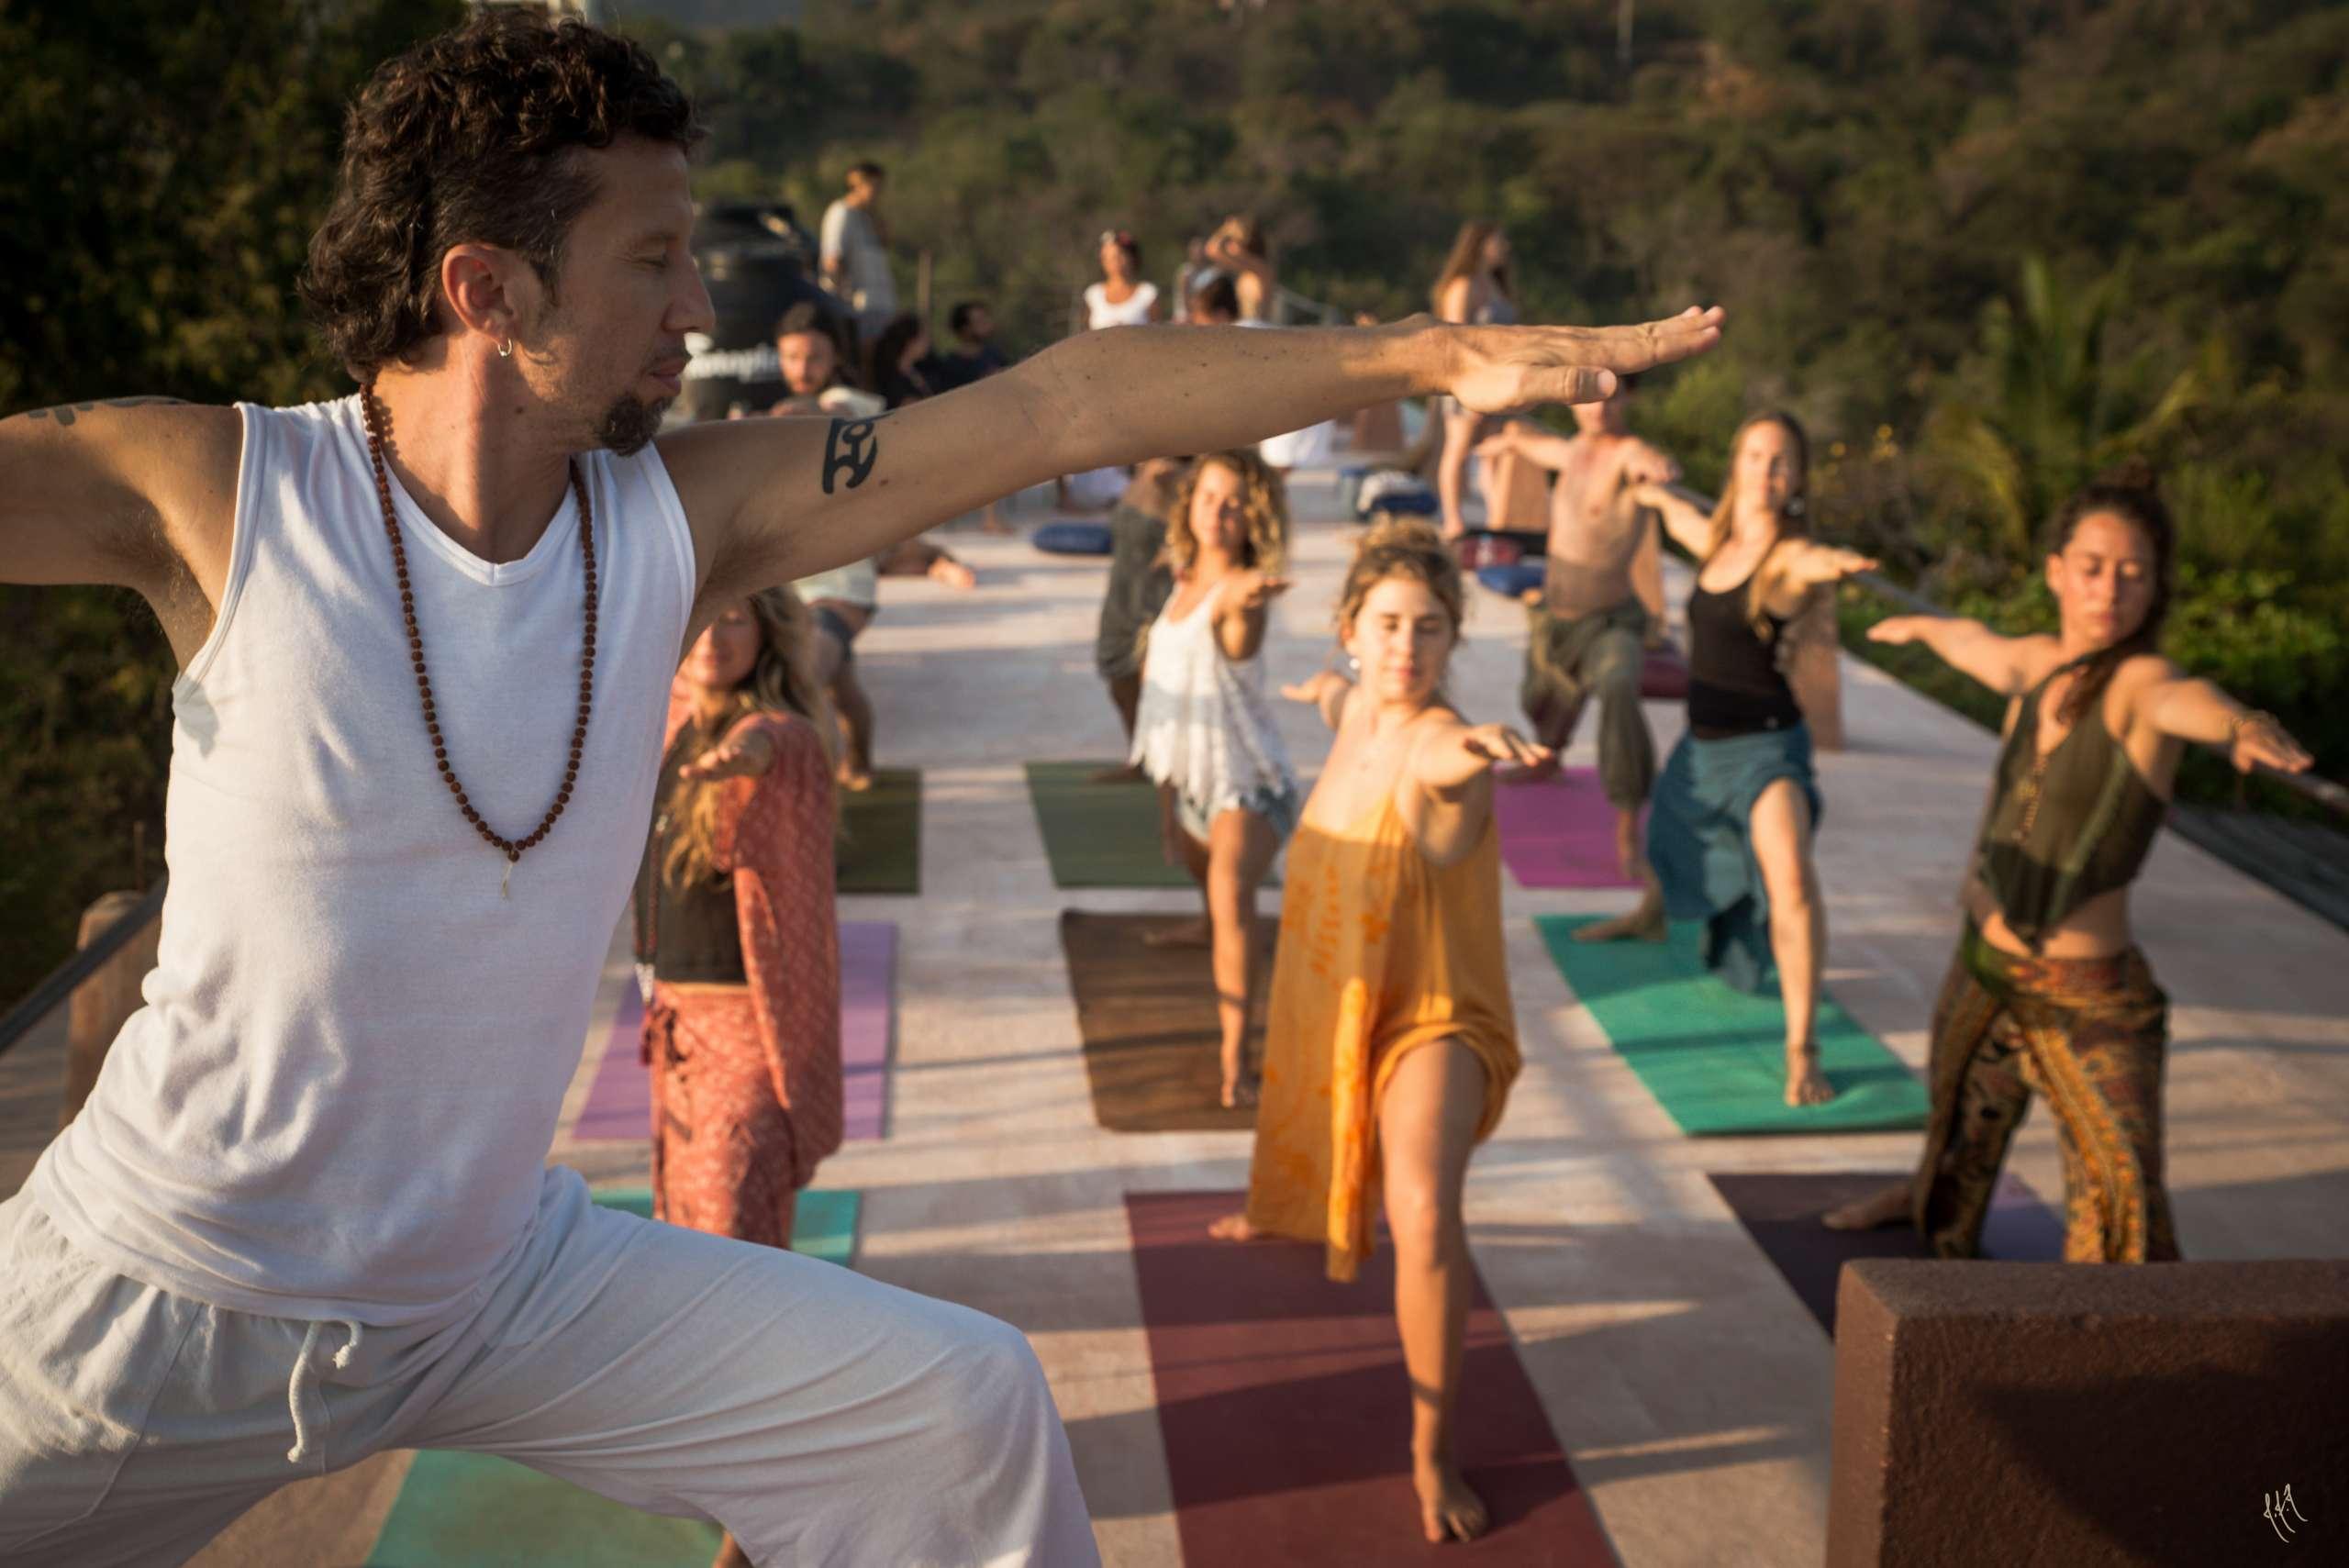 male senior yoga teacher Marco leading an outdoor yoga class